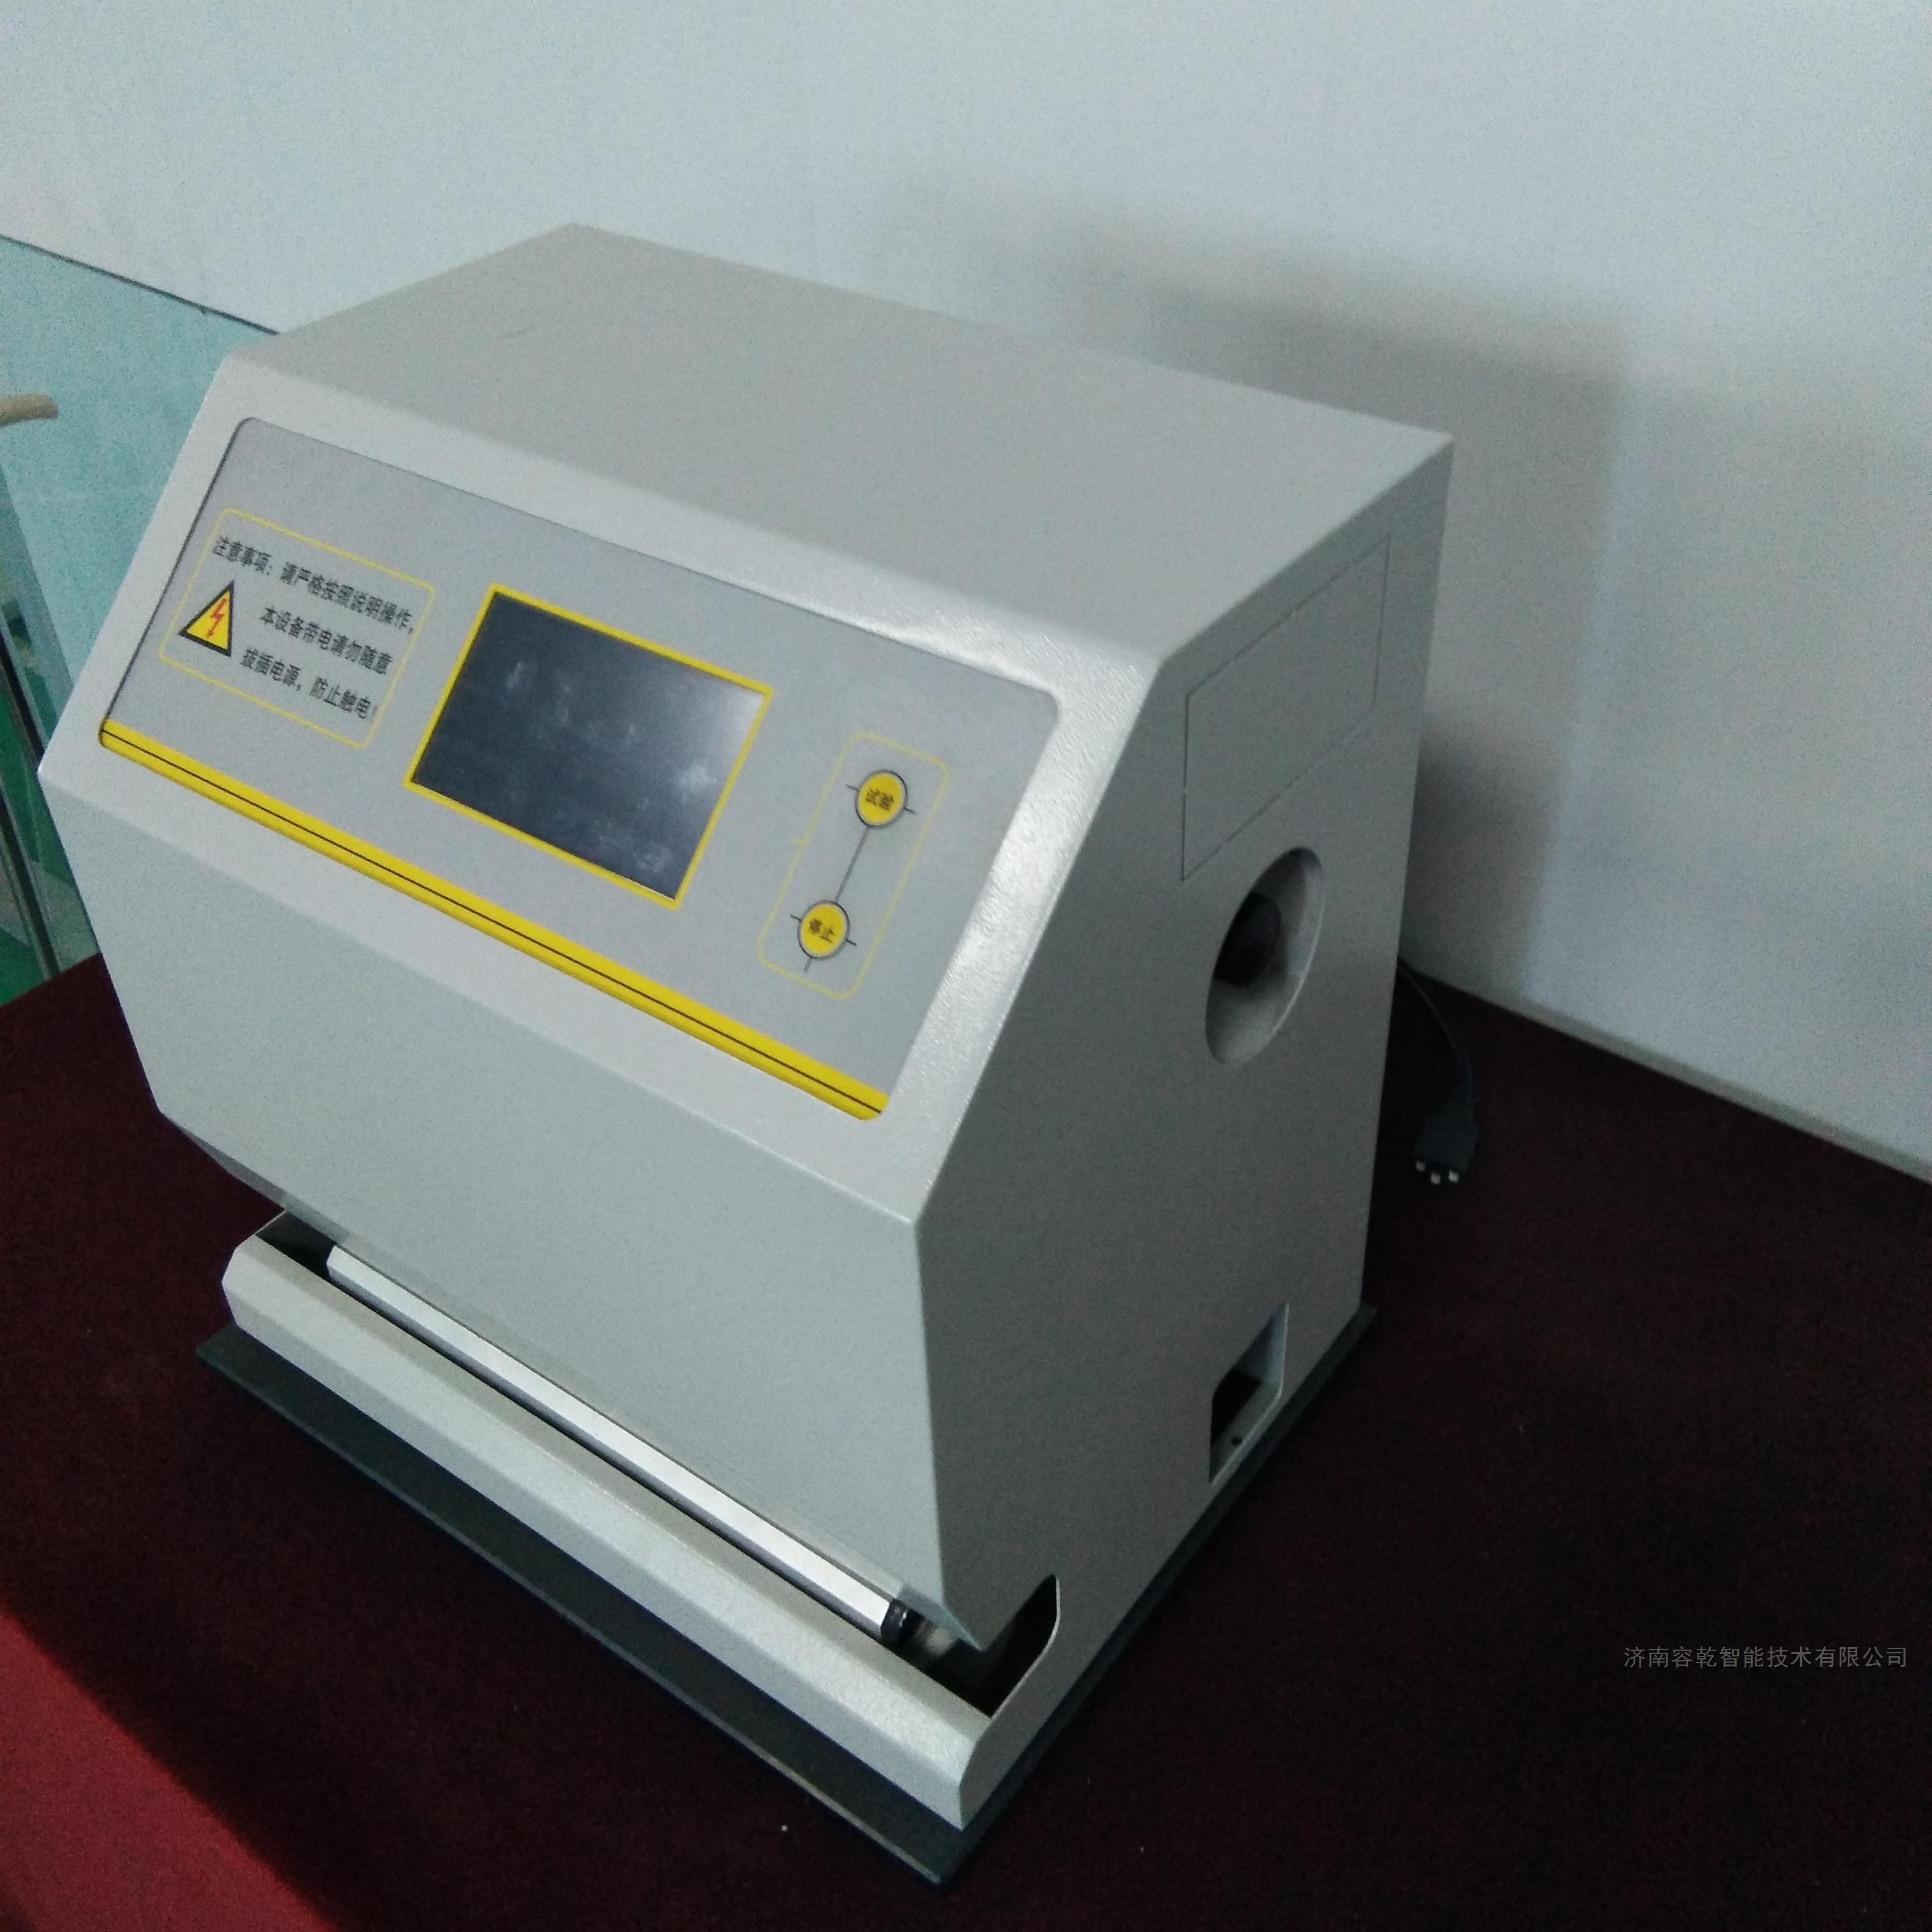 塑料包装热封试验仪